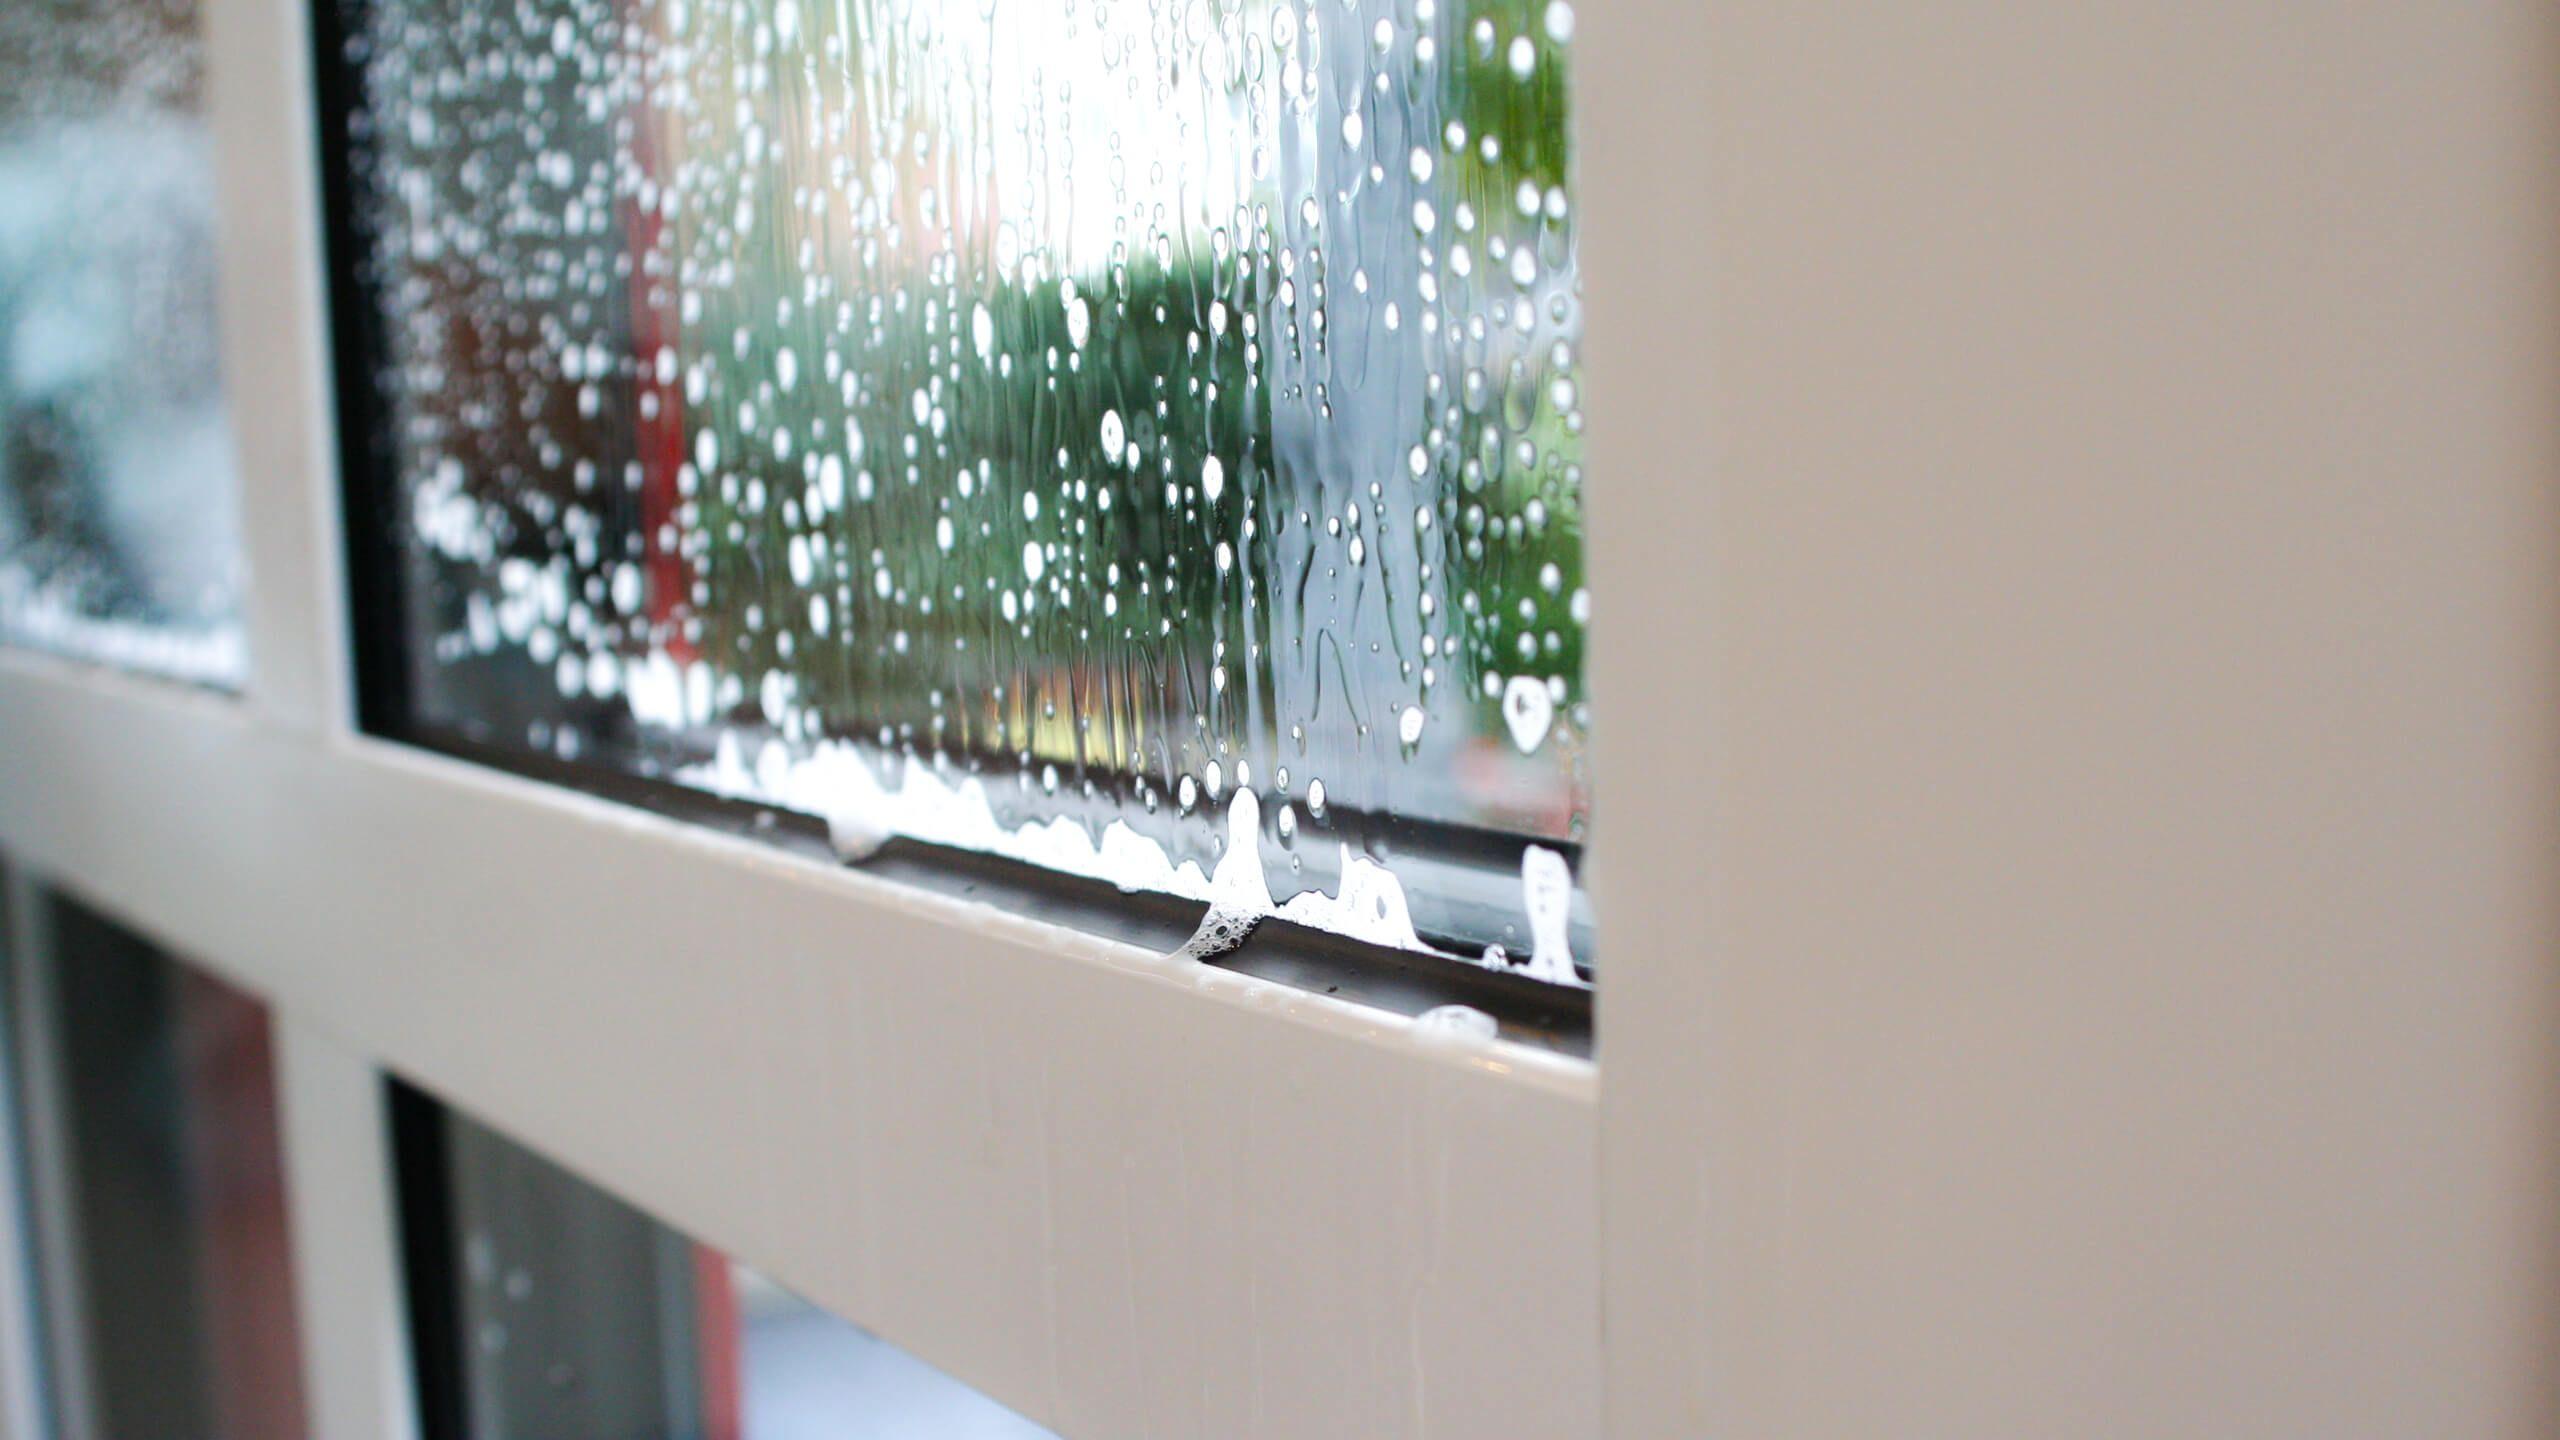 Full Size of Teleskopstange Fenster Putzen Blizz Ihre Fensterputzer Heiner Mller Ek Einbruchsichere Klebefolie Maße Sichtschutzfolie Für Tauschen Fliegennetz Sichtschutz Wohnzimmer Teleskopstange Fenster Putzen